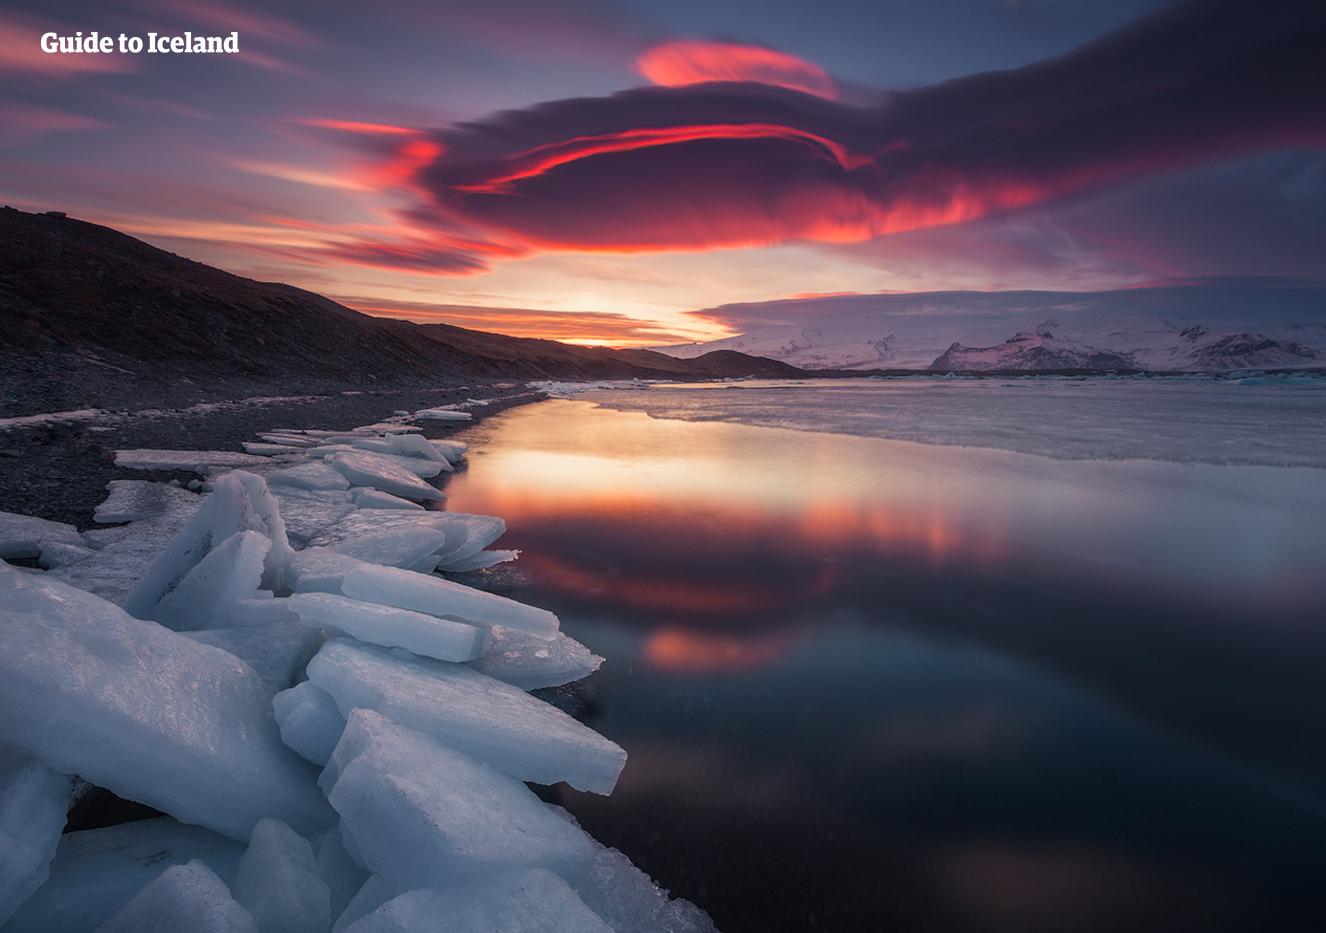 ฟ้ายามเย็นสีแดงสะท้อนในน้ำในทะเลสาบธารน้ำแข็งโจกุลซาลอน